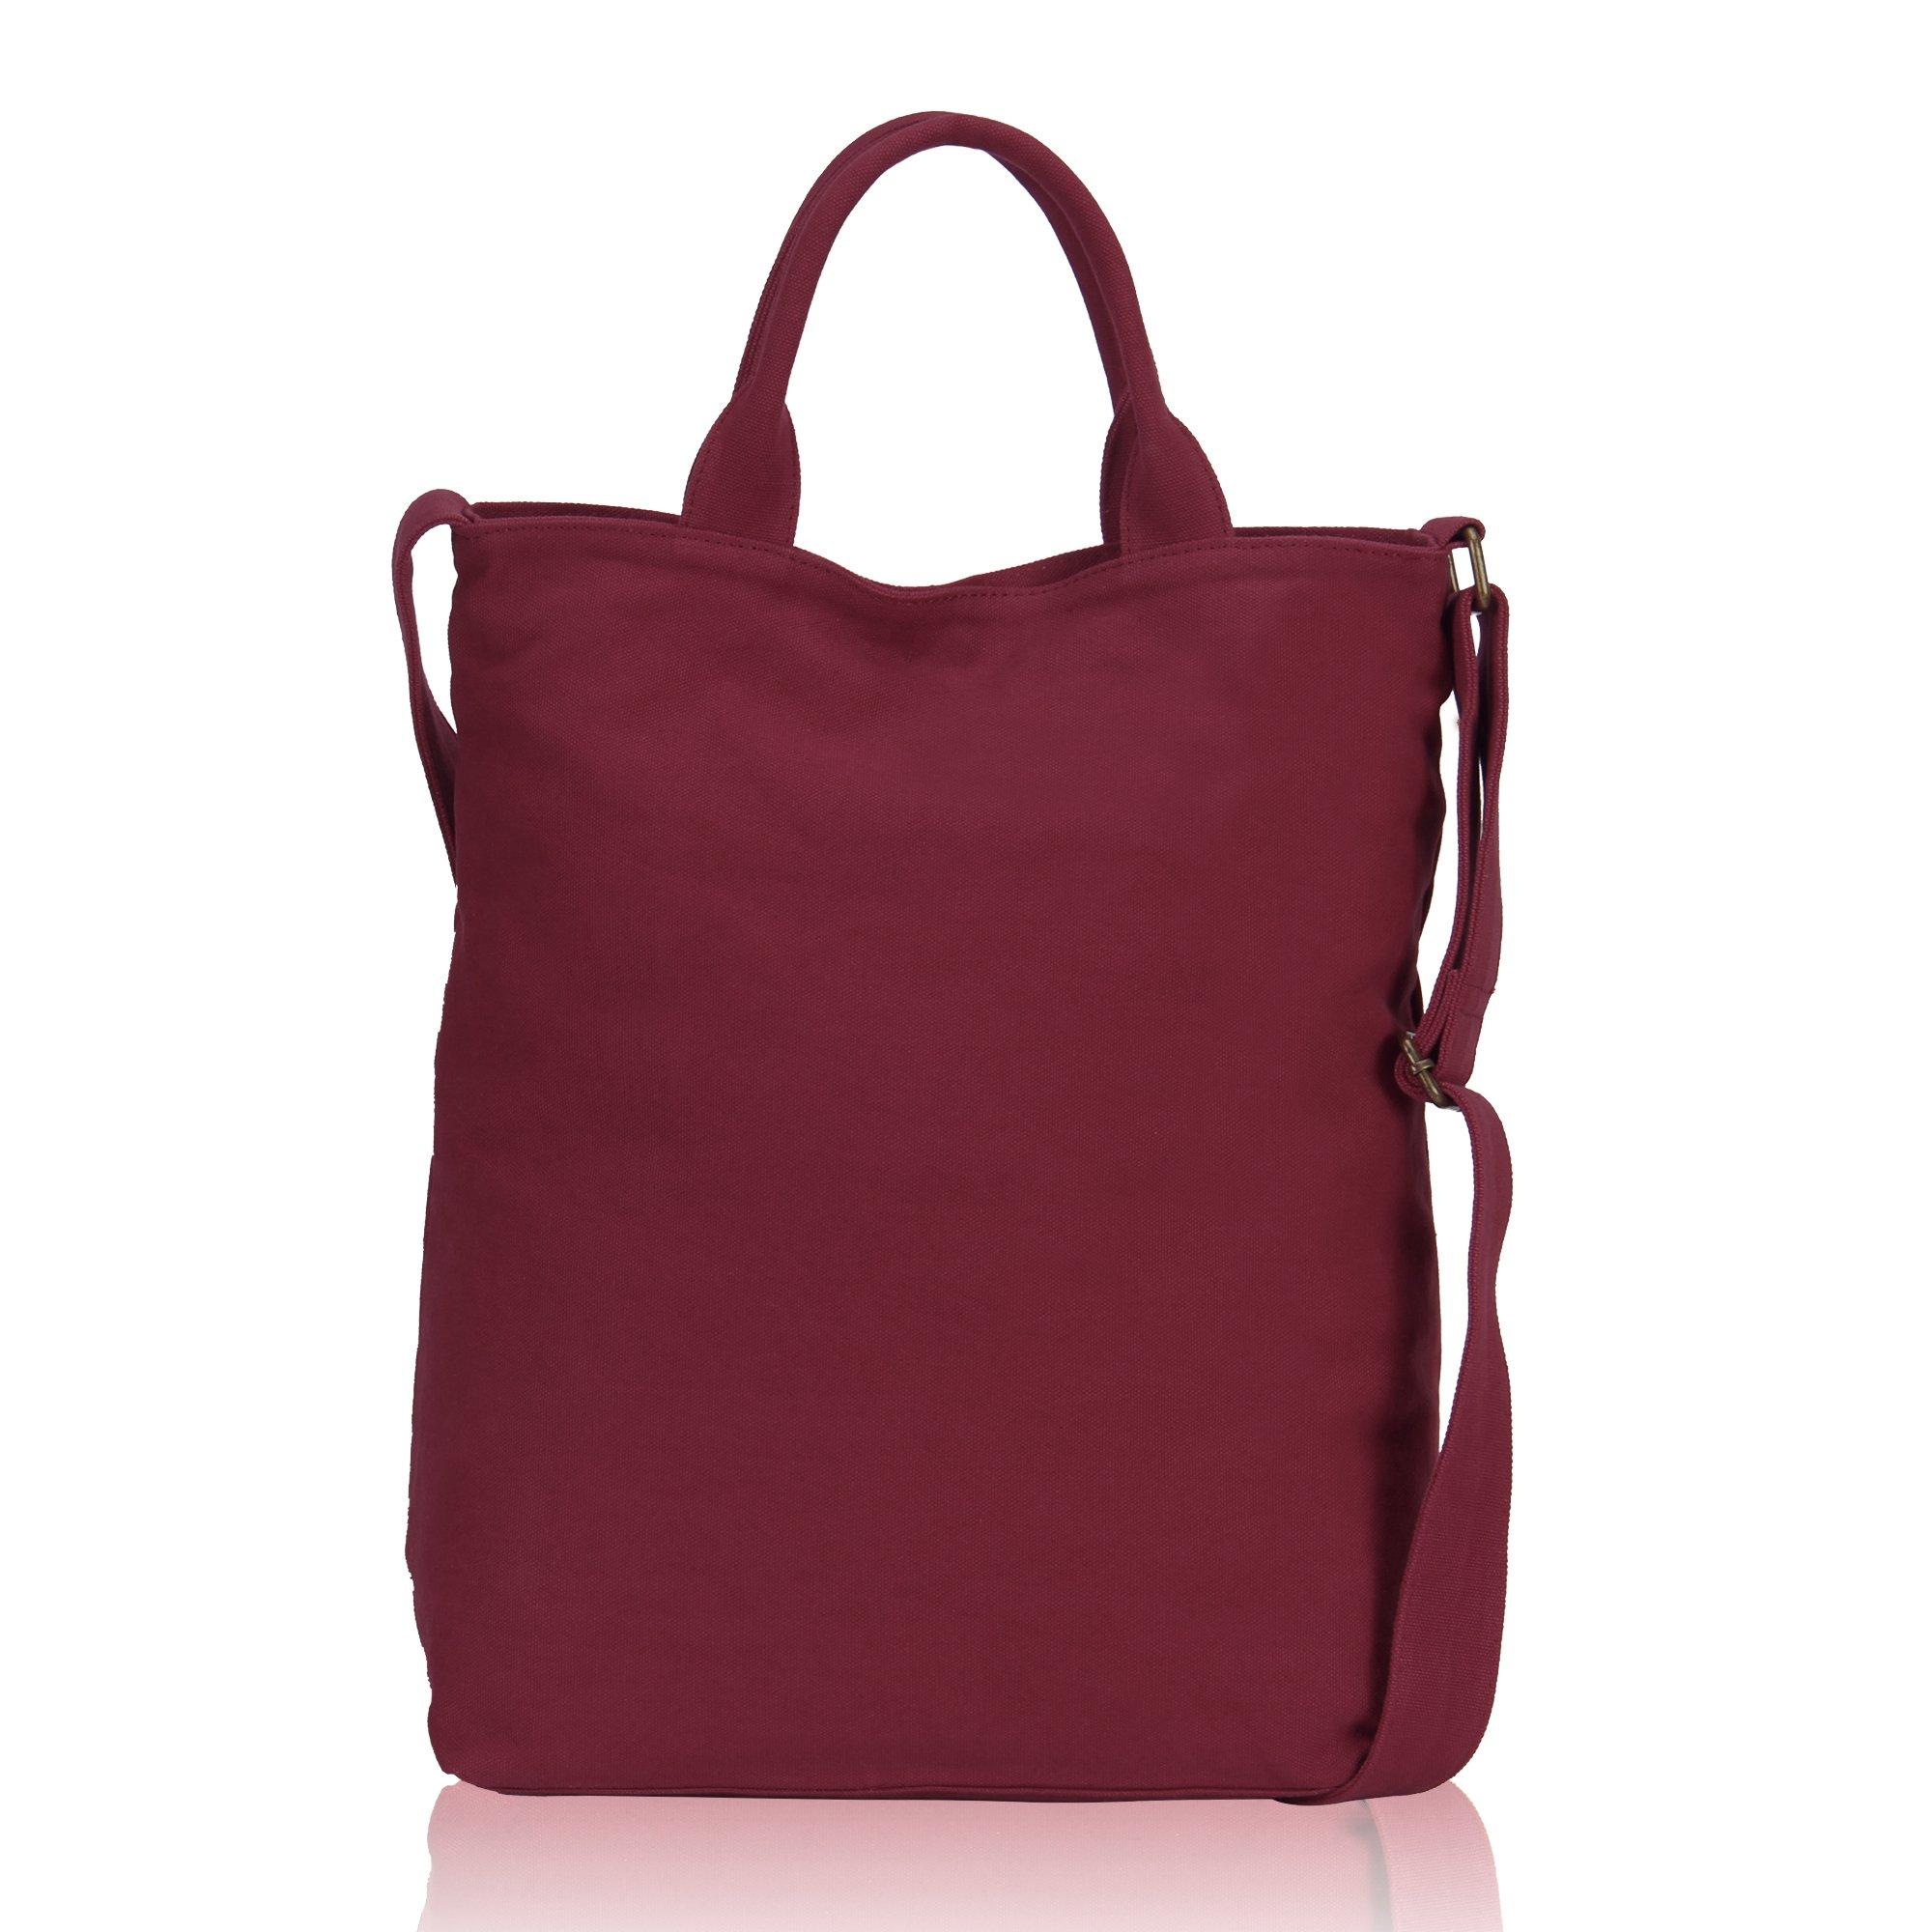 Veevan Borsa Grande da Spalla in Tela Shopping Bag Borsa da spiaggia Borsa a Mano da Donna Rosso